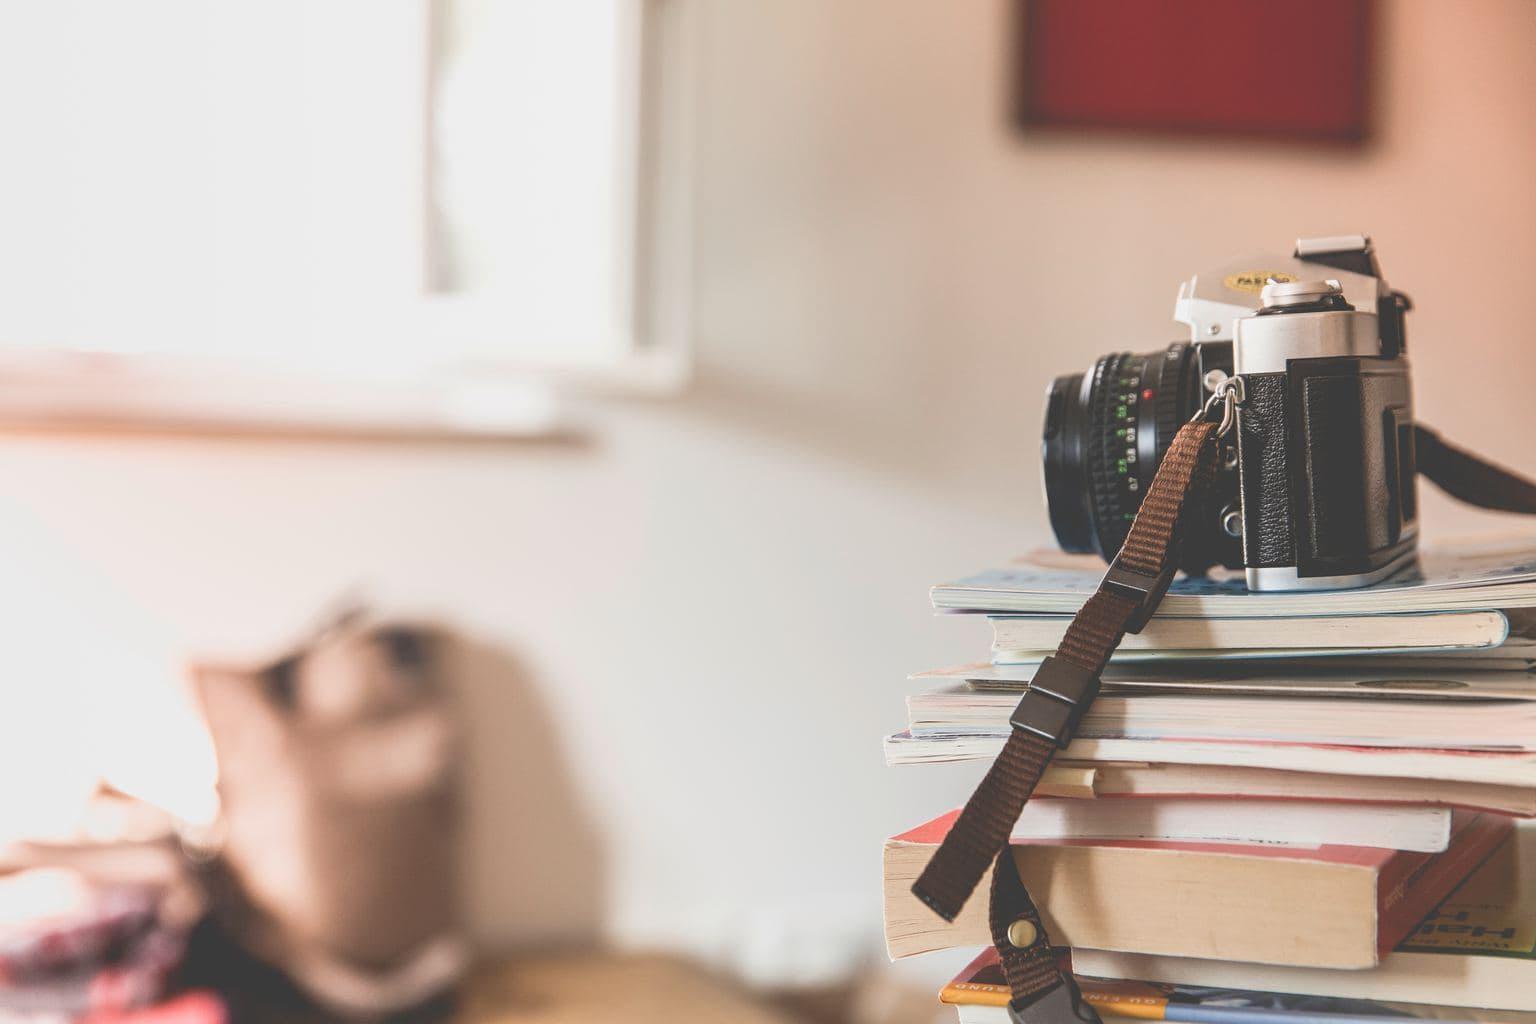 fotografía cámara encima de libros